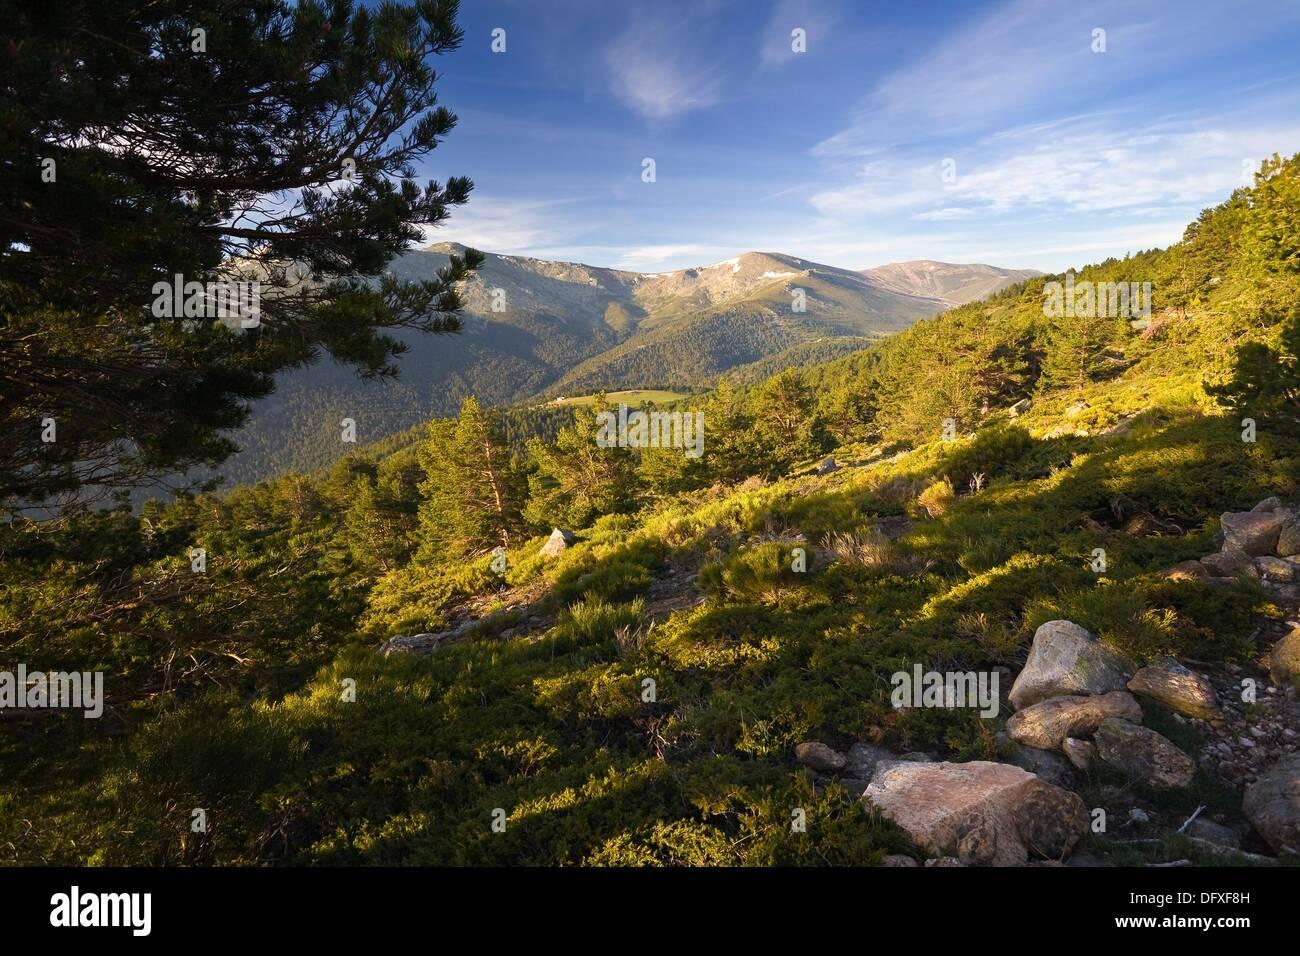 Sierra de Guadarrama Madrid Spain Stock Photo